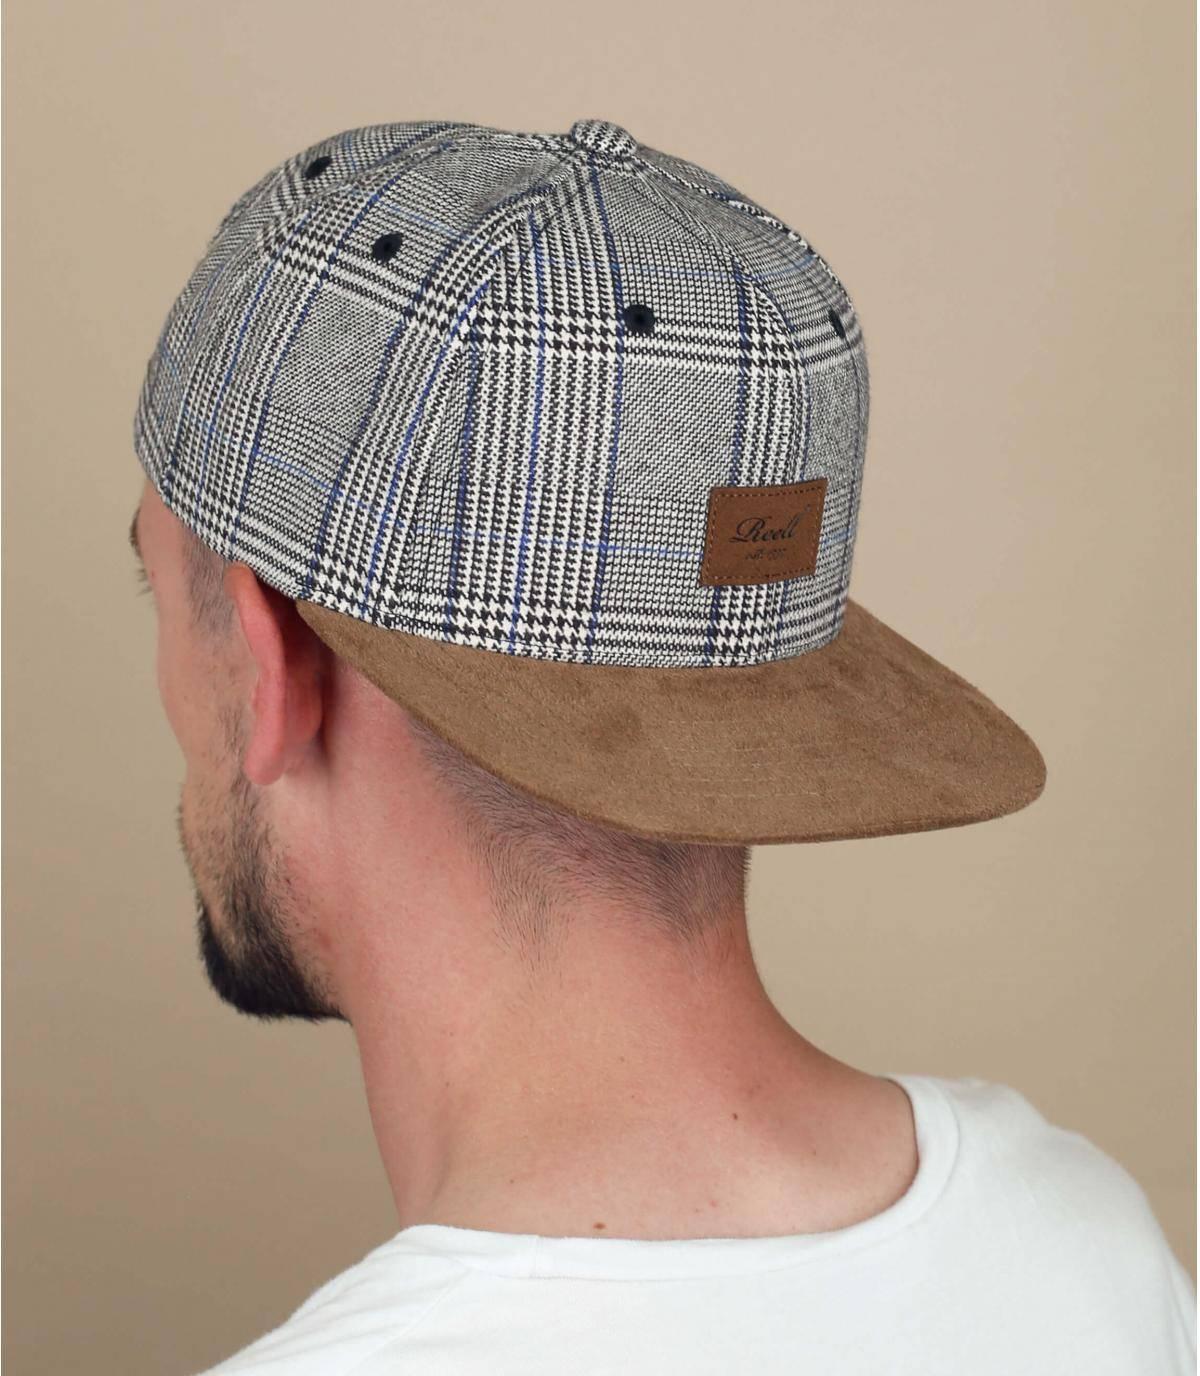 cappellino Reell a quadri